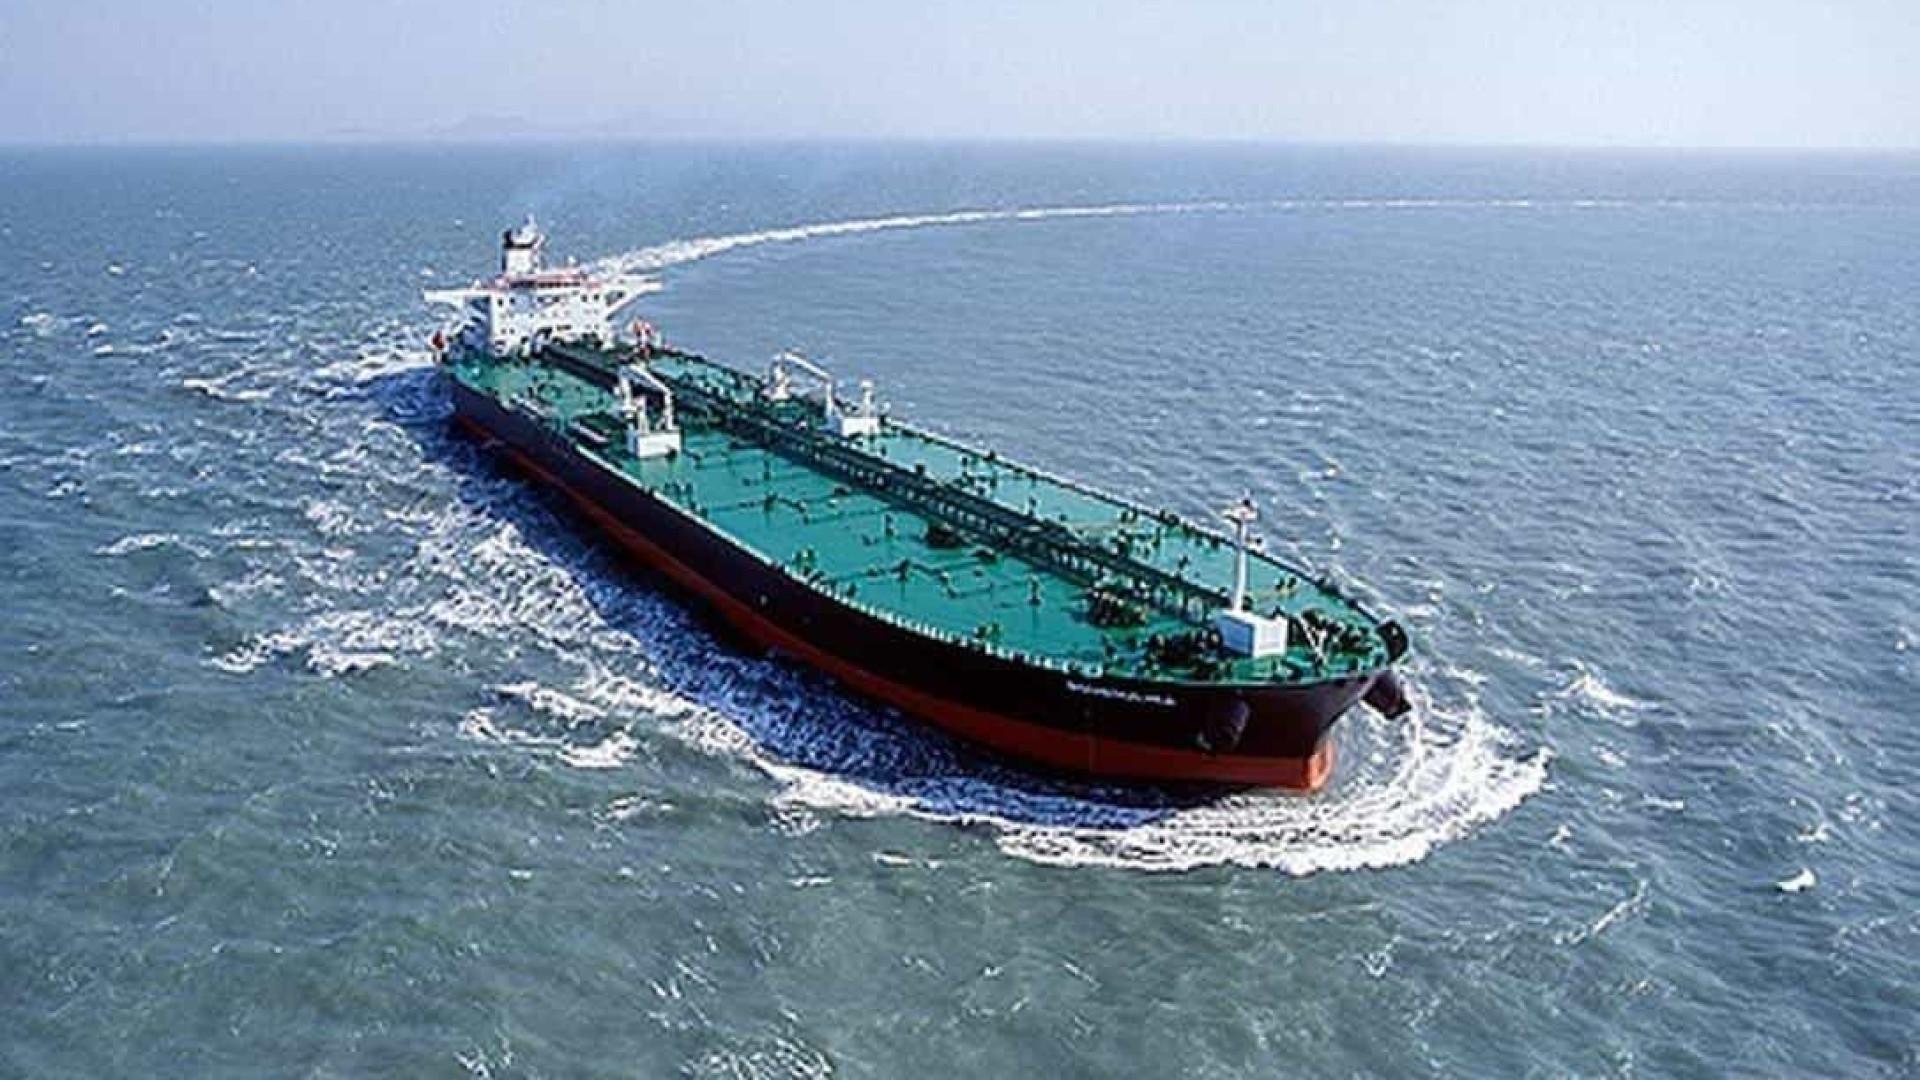 Reparação por vazamento de óleo será de bilhões, diz chefe do Ibama